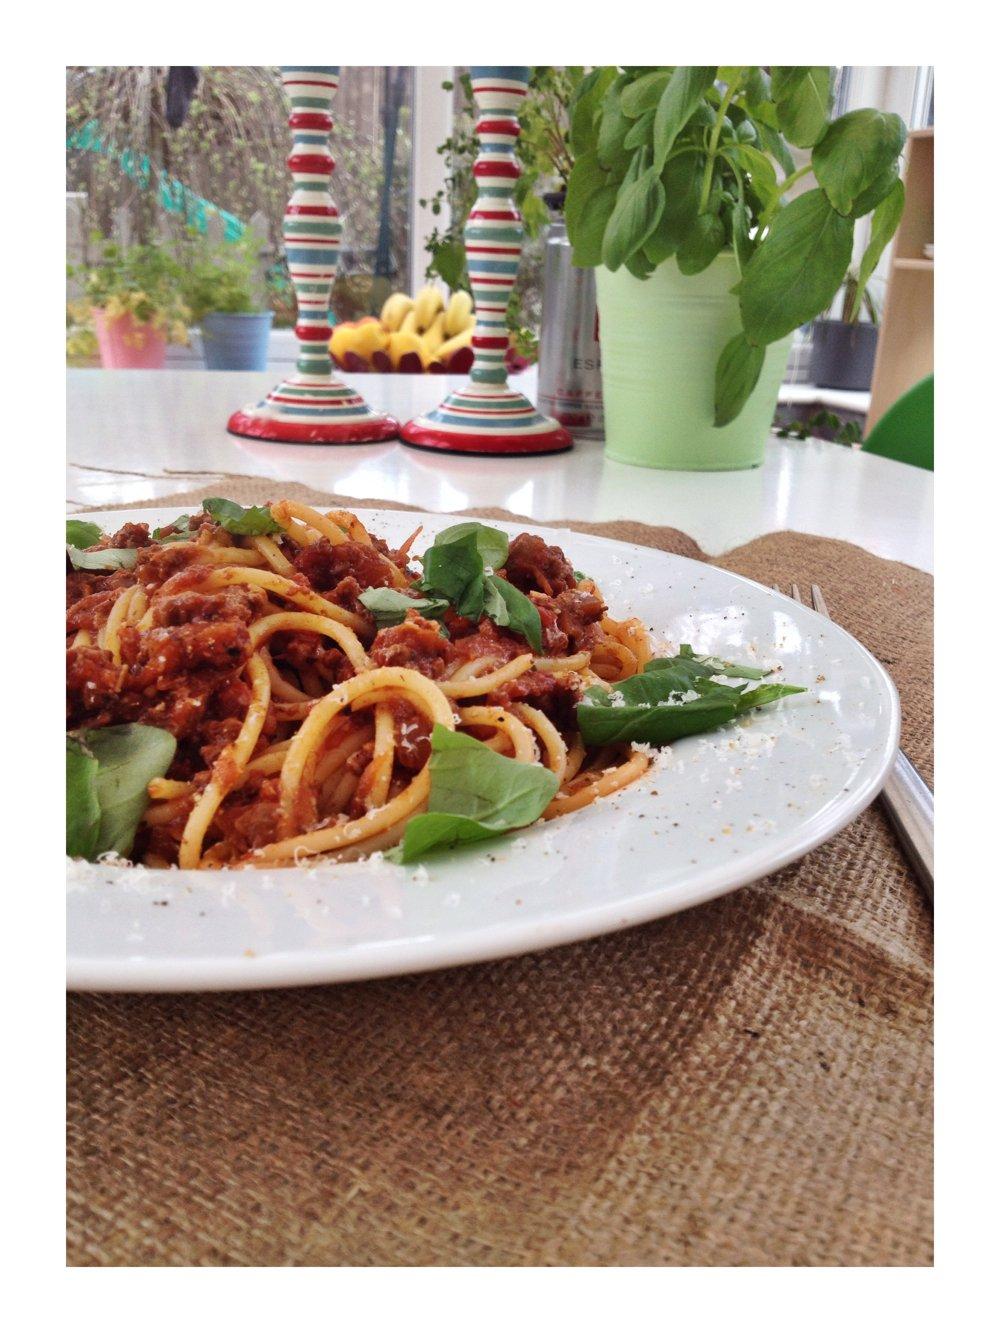 spaghetti bolognese recipe, real italian spaghetti bolognese, easy family dinner